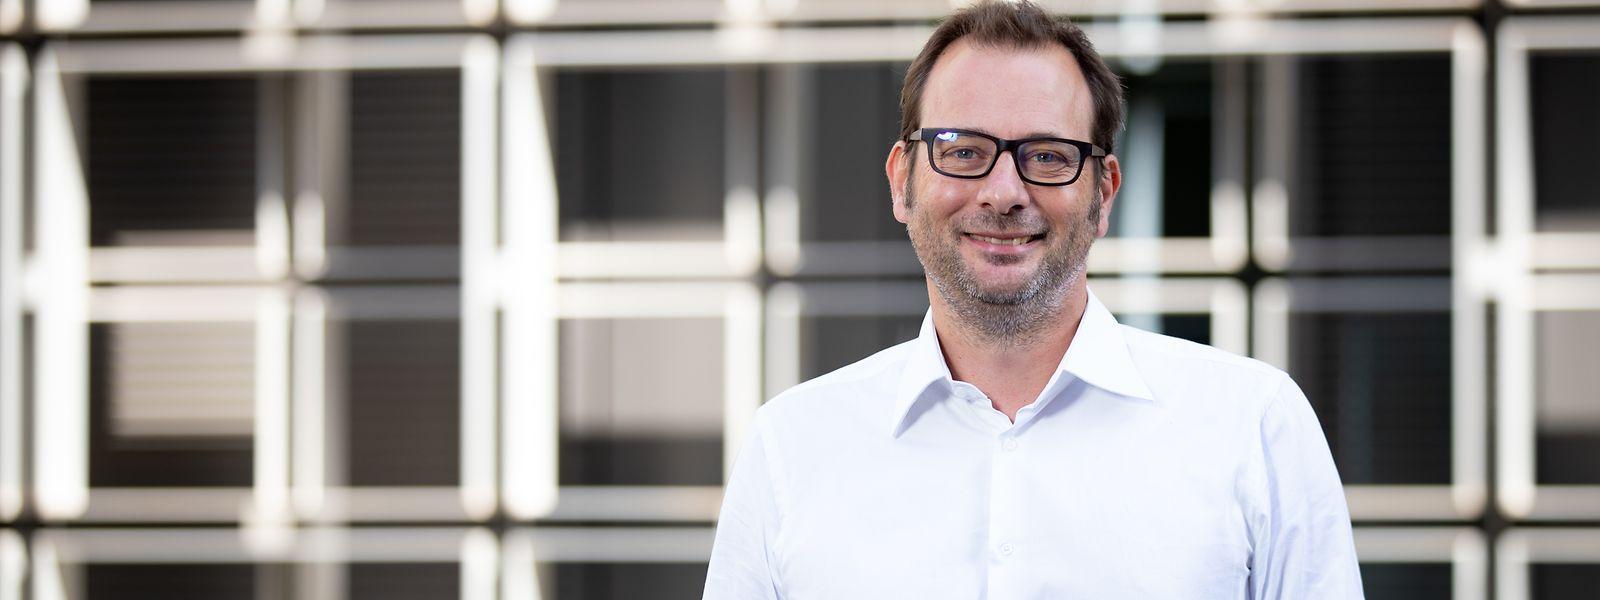 Pour Raphaël Kies, chercheur à l'Uni, les efforts entrepris à Dudelange s'inscrivent dans une tendance lourde, vouée notamment à contrebalancer la tendance «à la simplification et à la diffusion de fake news».